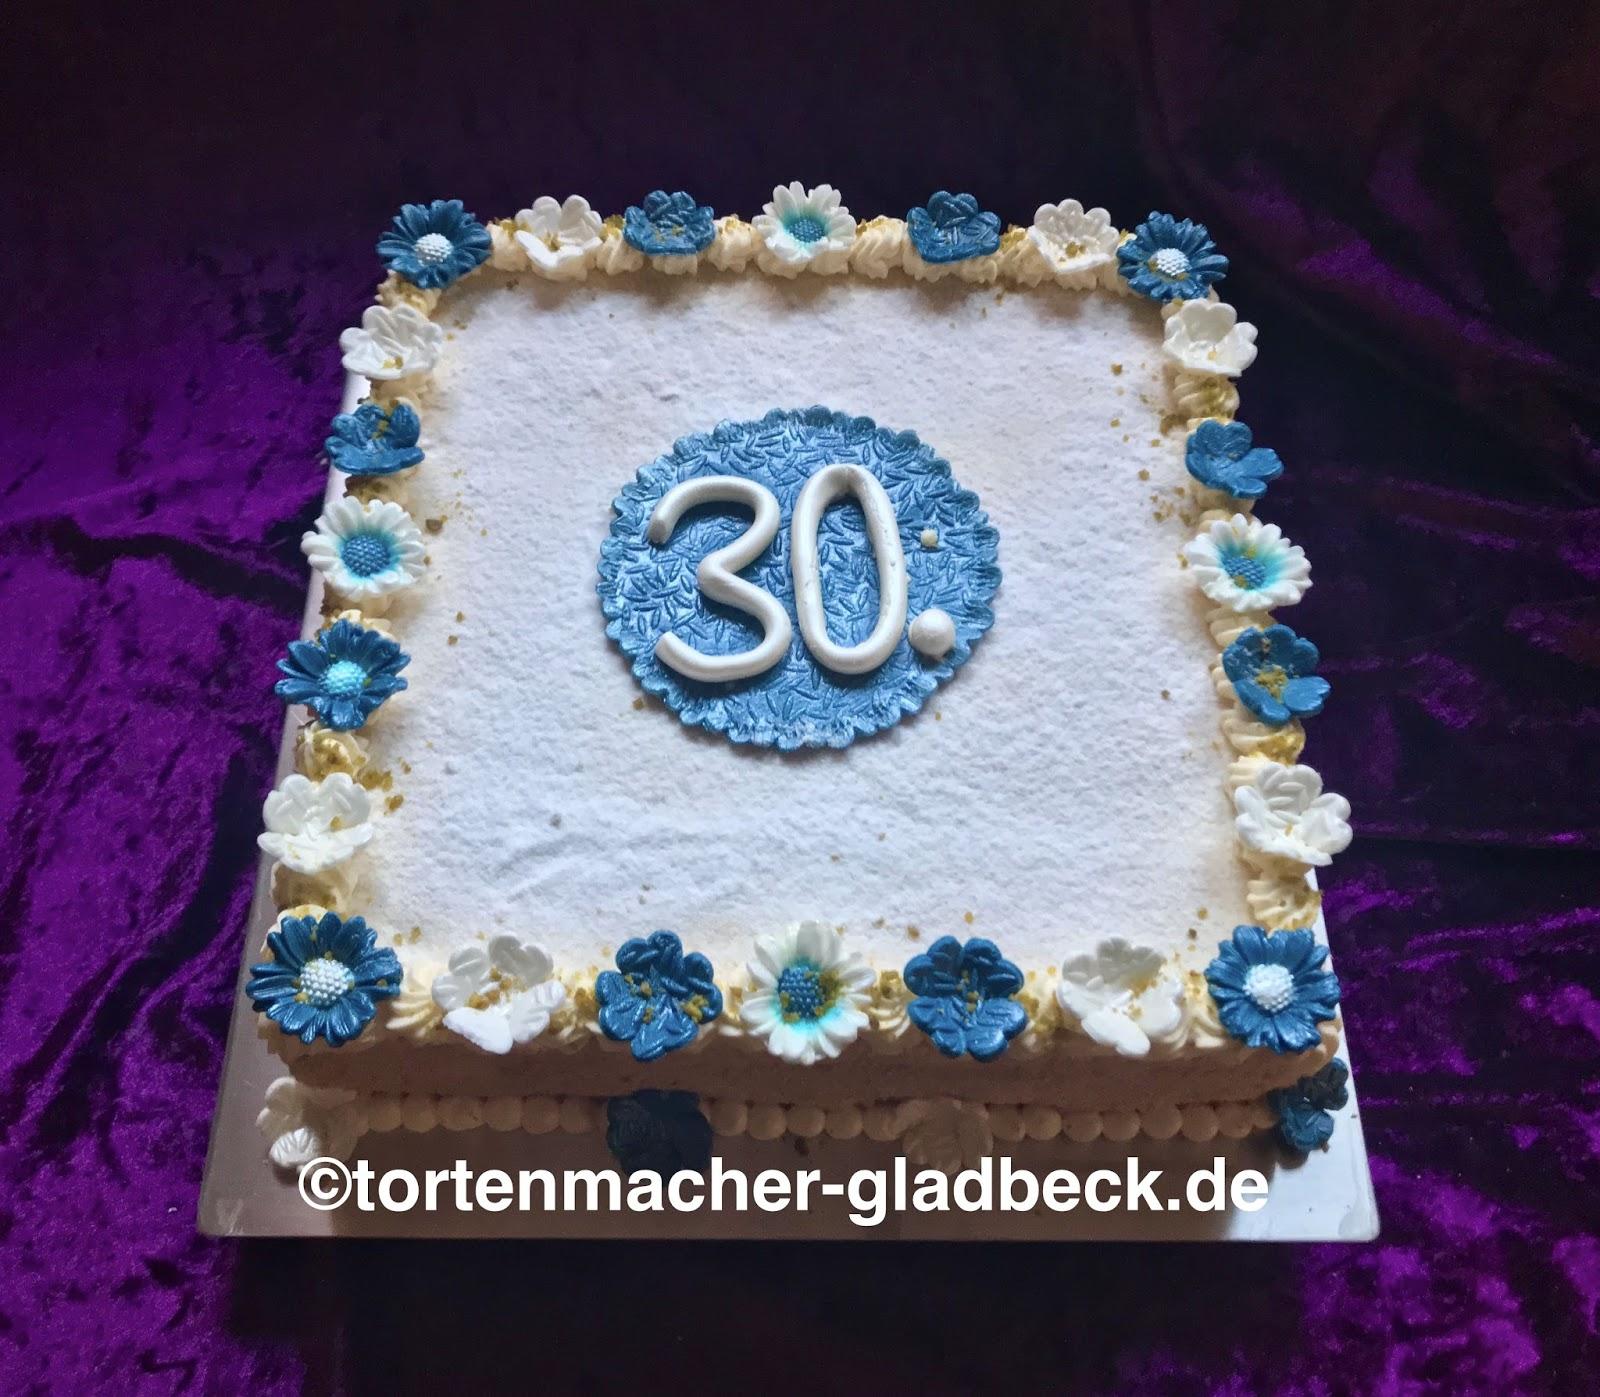 Der Tortenmacher Gladbeck Geburtstagstorte Zum 30 In Blau Und Weiss